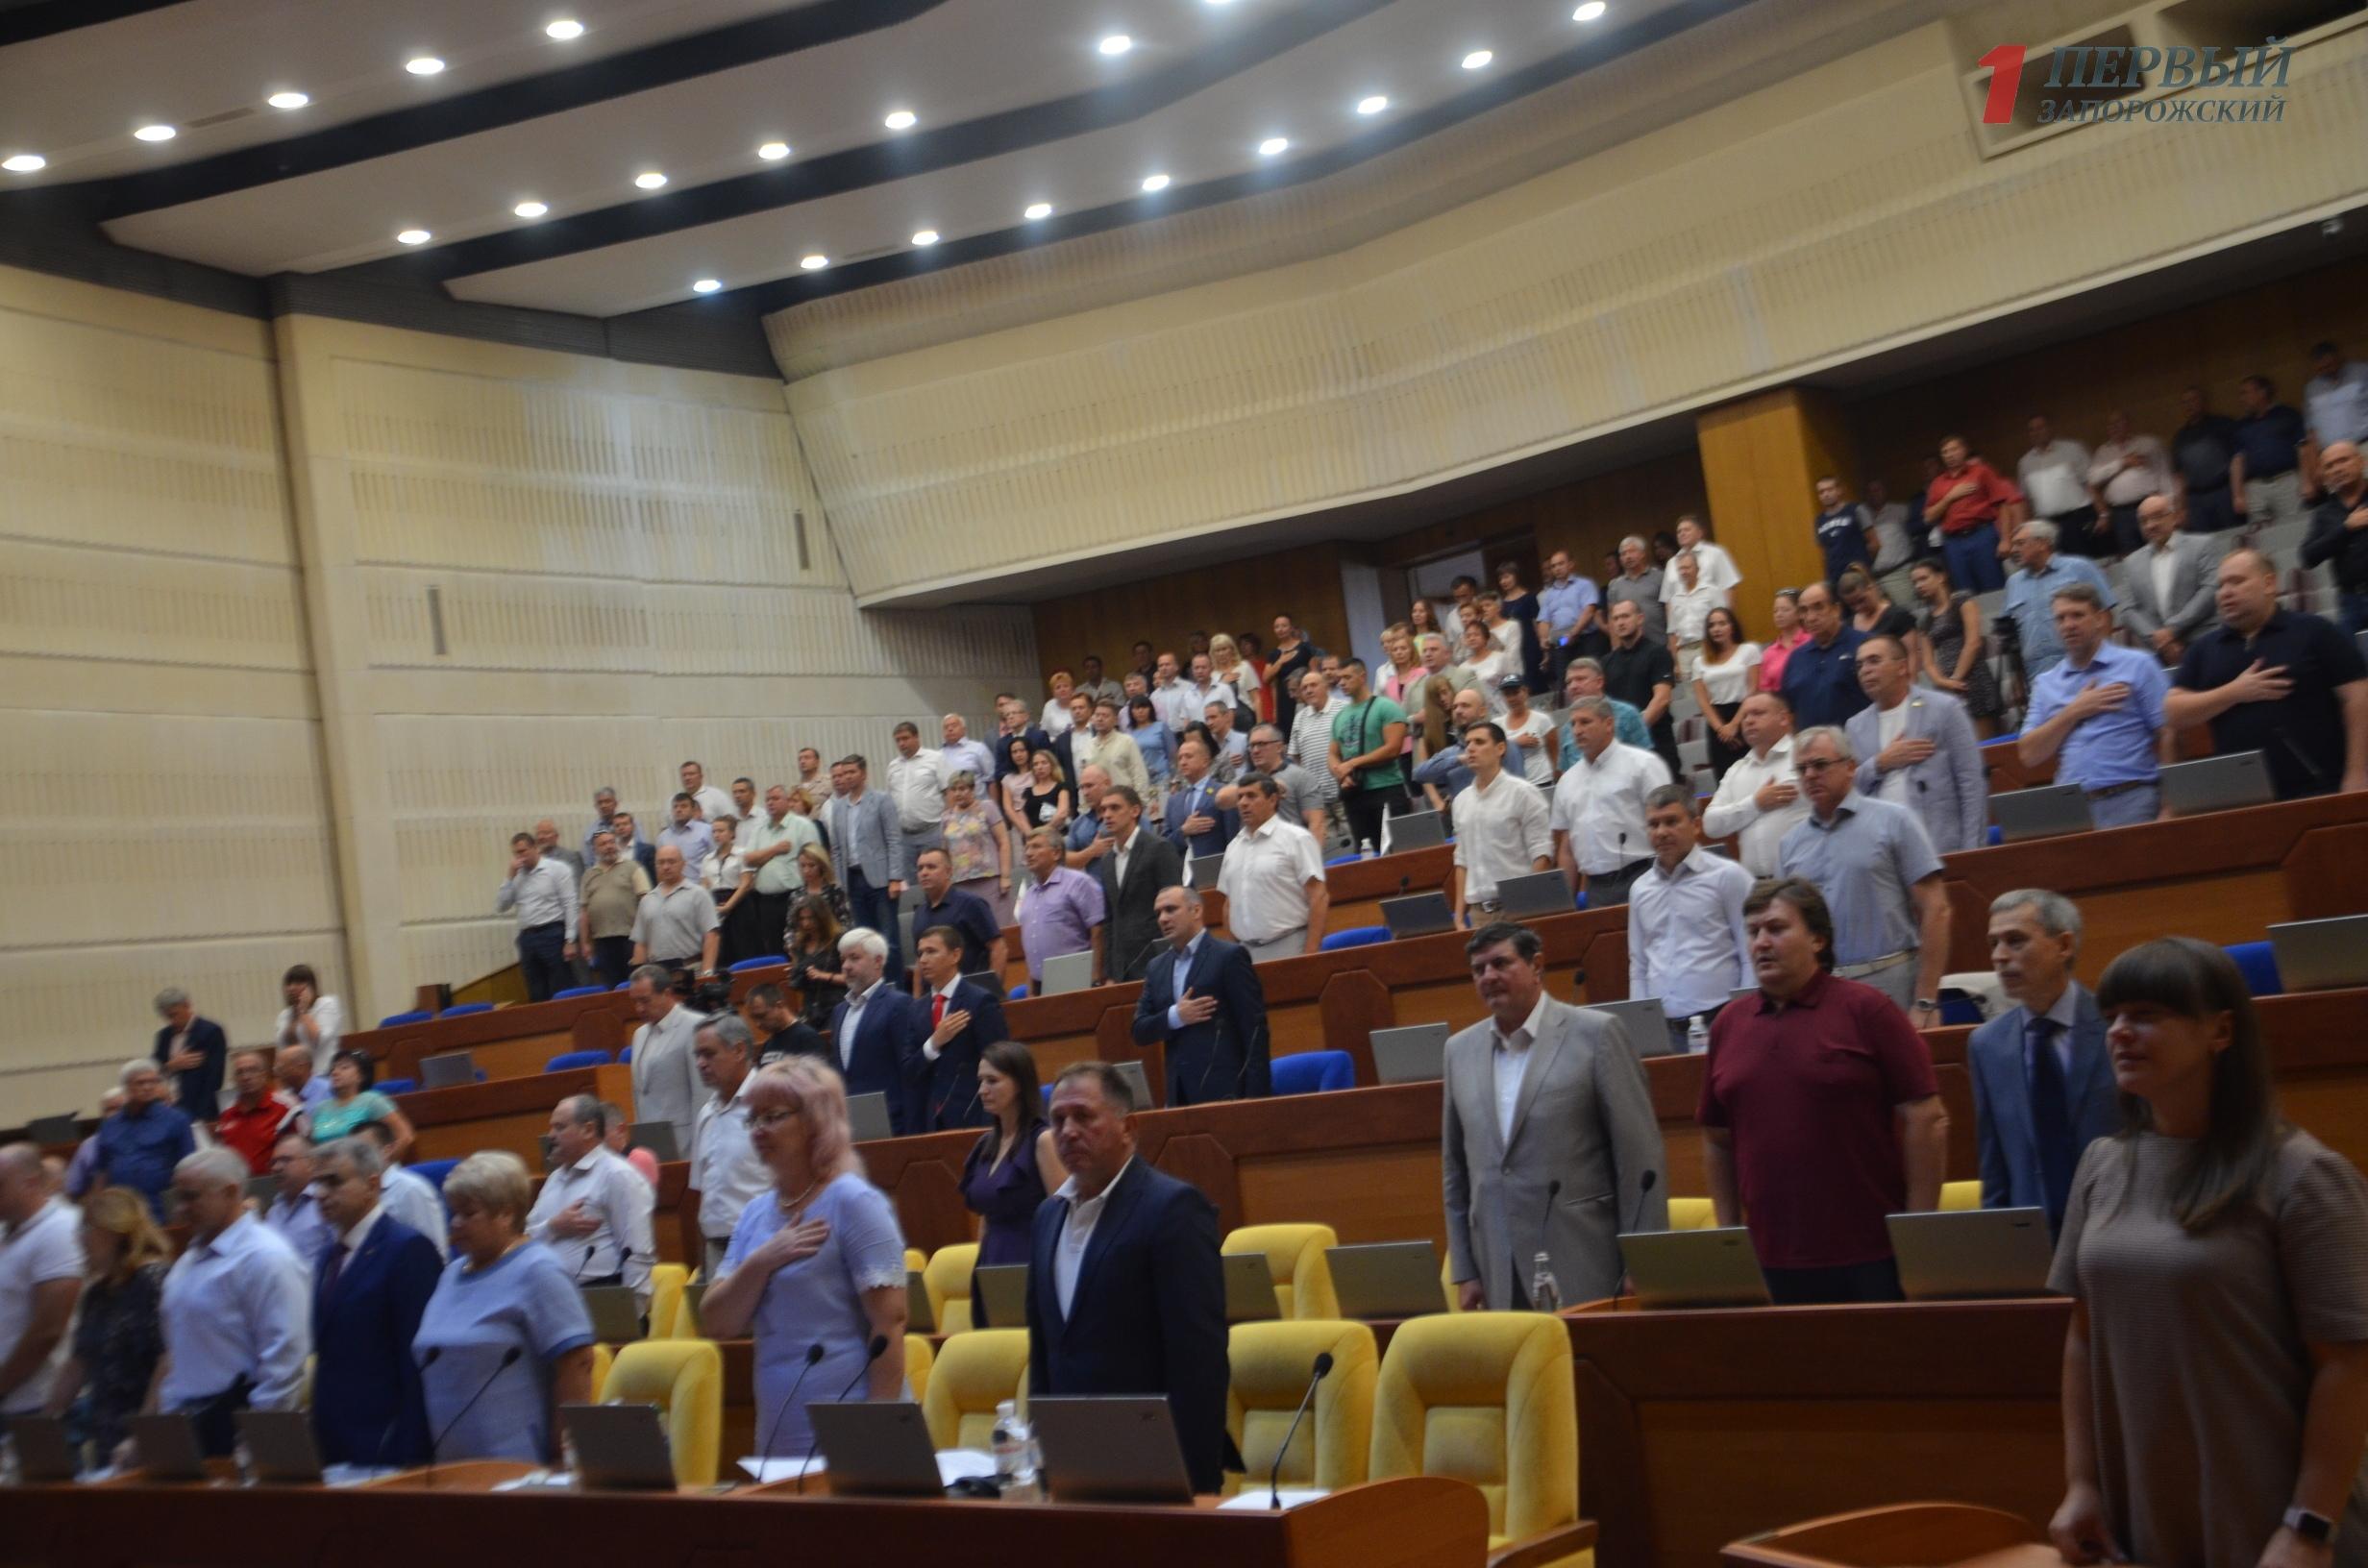 Депутаты Запорожского областного совета соберутся на сессию, чтобы решить вопрос с лагерем «Дружба», цирком и браконьерами